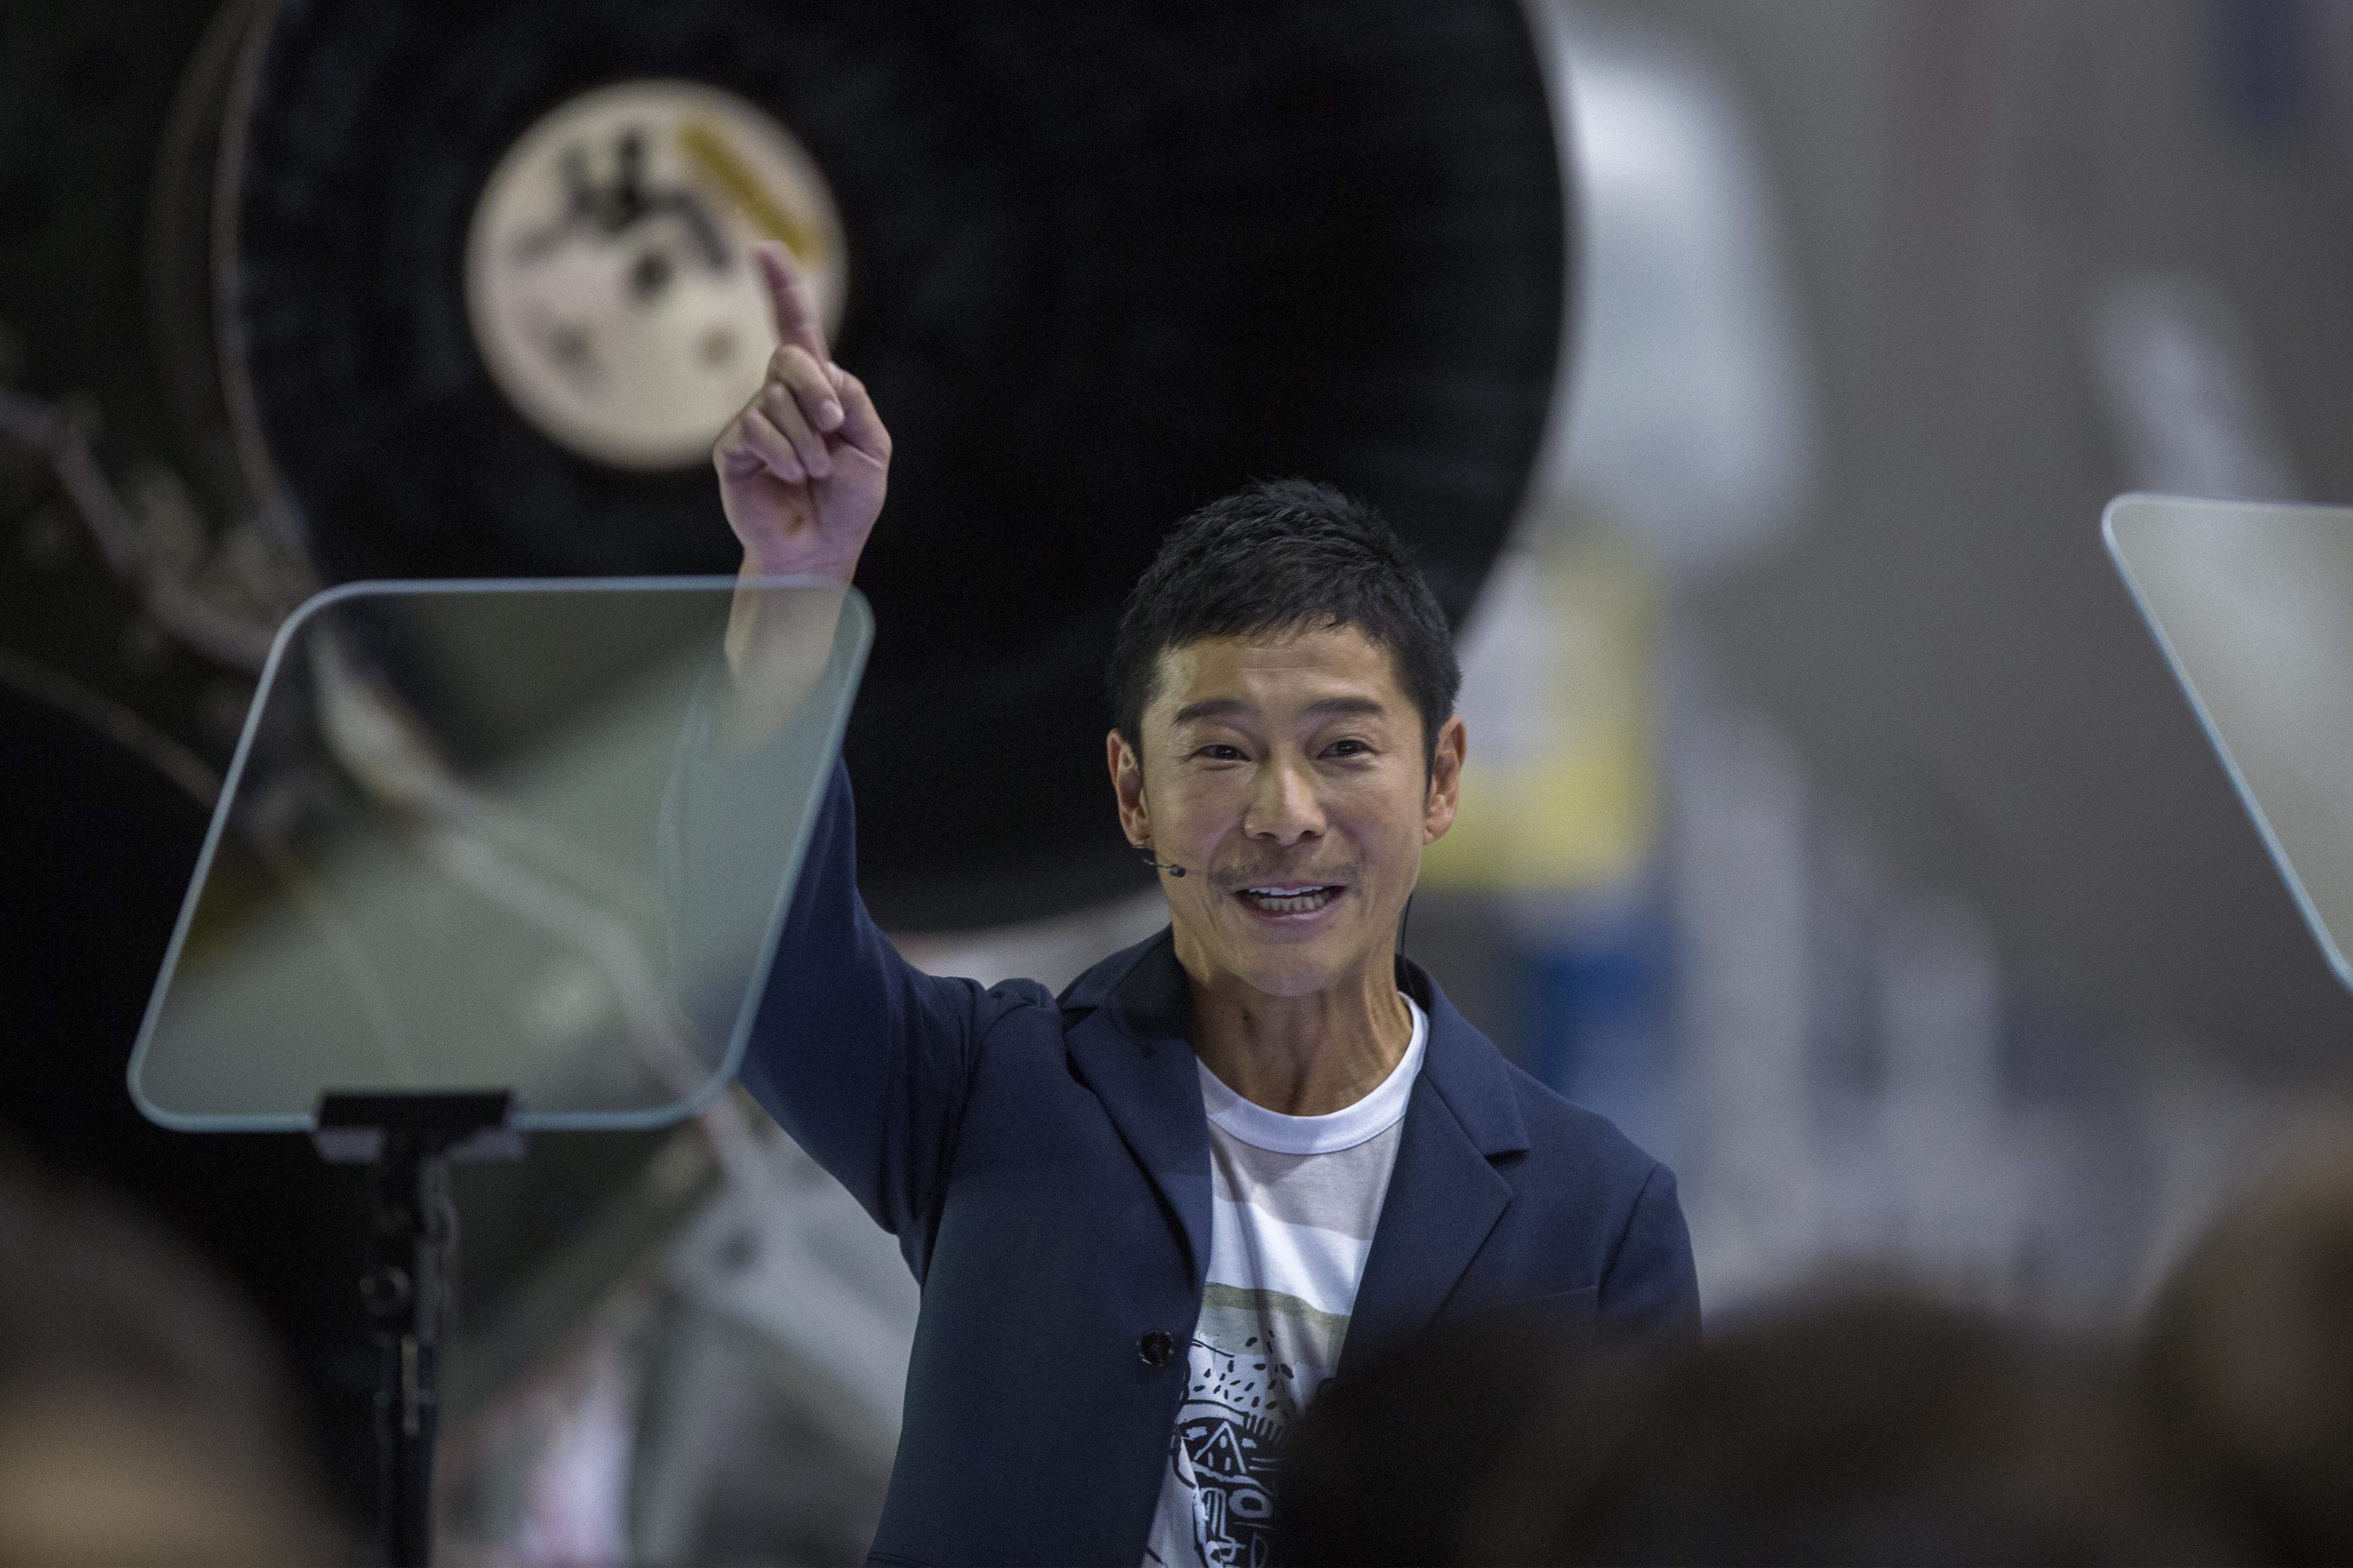 Mégsem keres barátnőt a holdutazáshoz az Elon Musk űrcégéhez befizető japán milliárdos